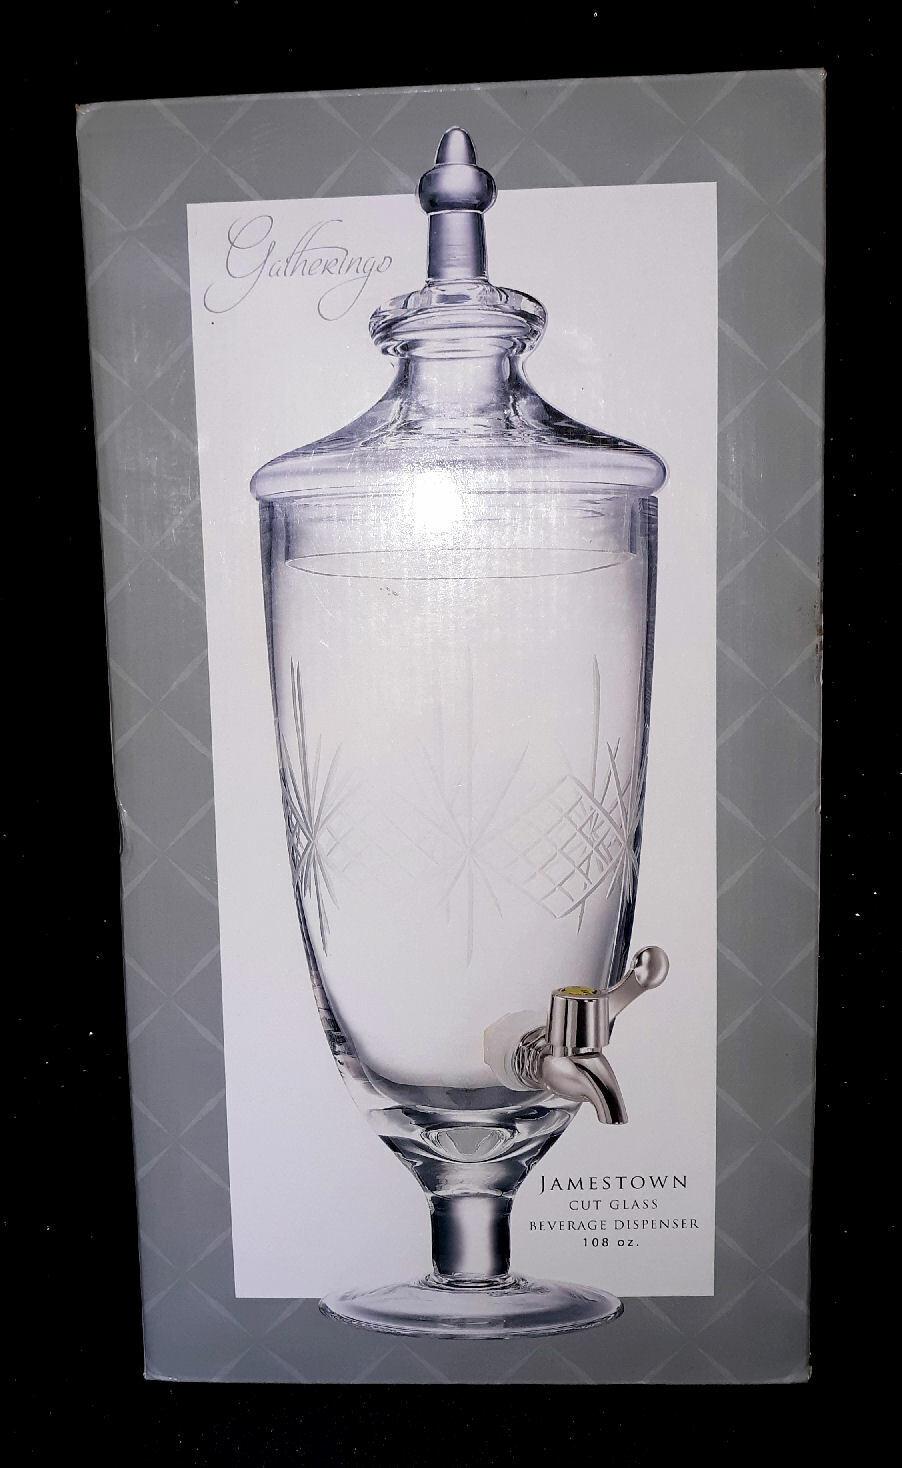 Godinger Jamestown Dispenser - 108 Oz